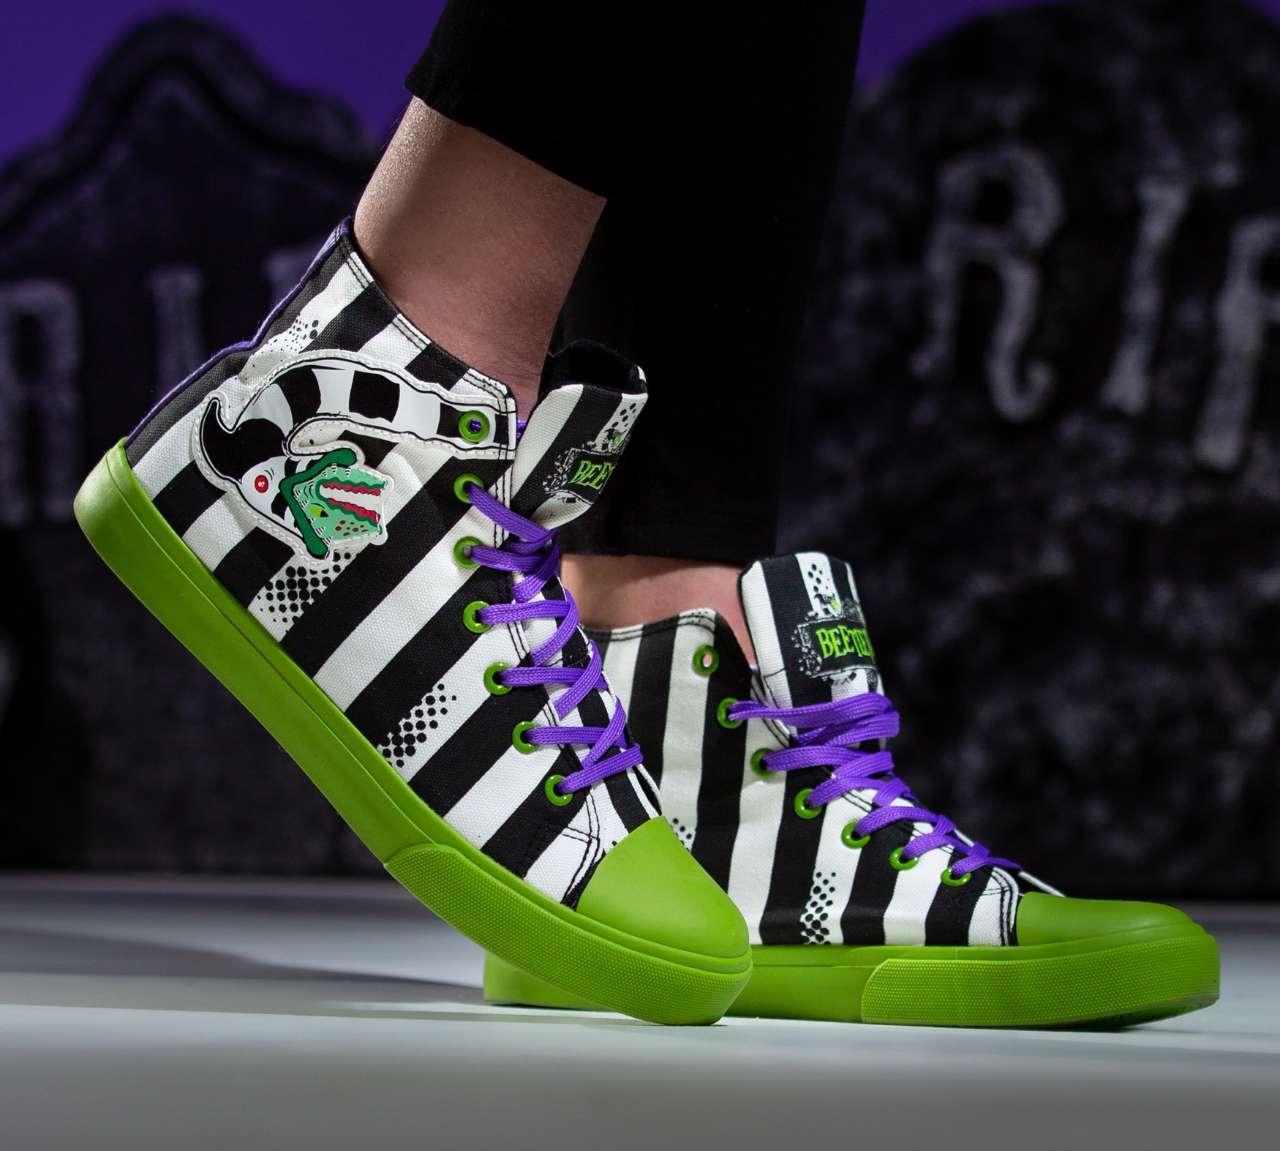 beetlejuice-sneakers-03-high-res